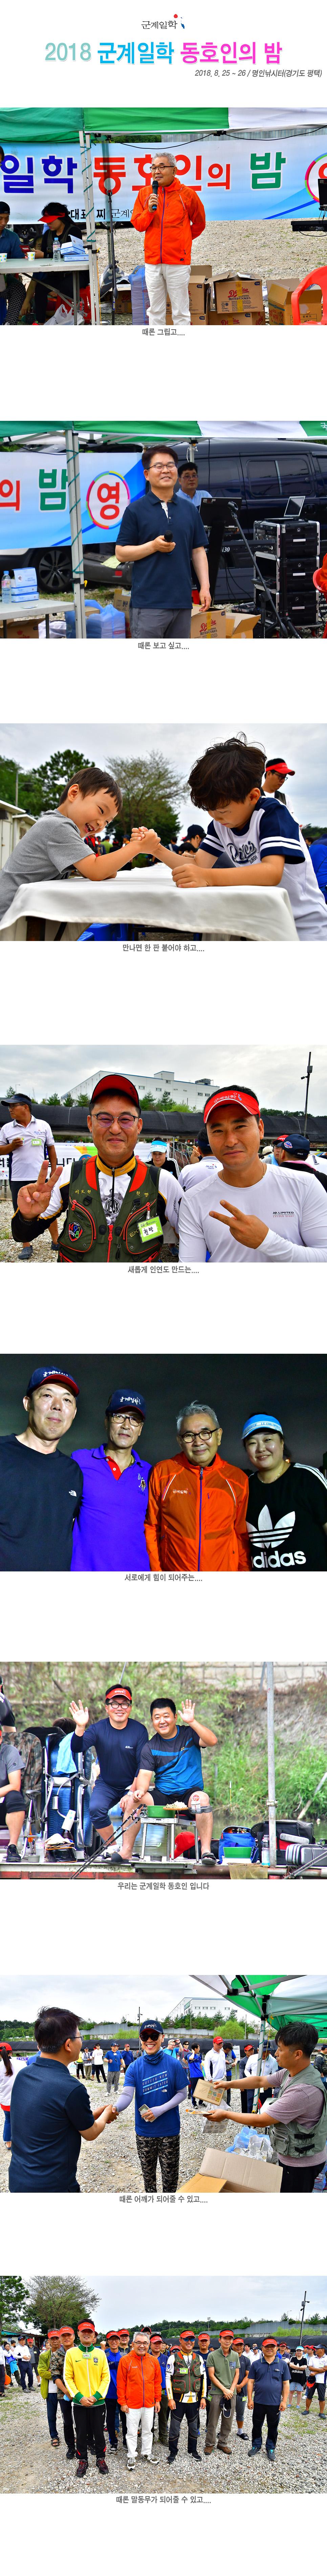 2018 동호인의 밤 01.jpg